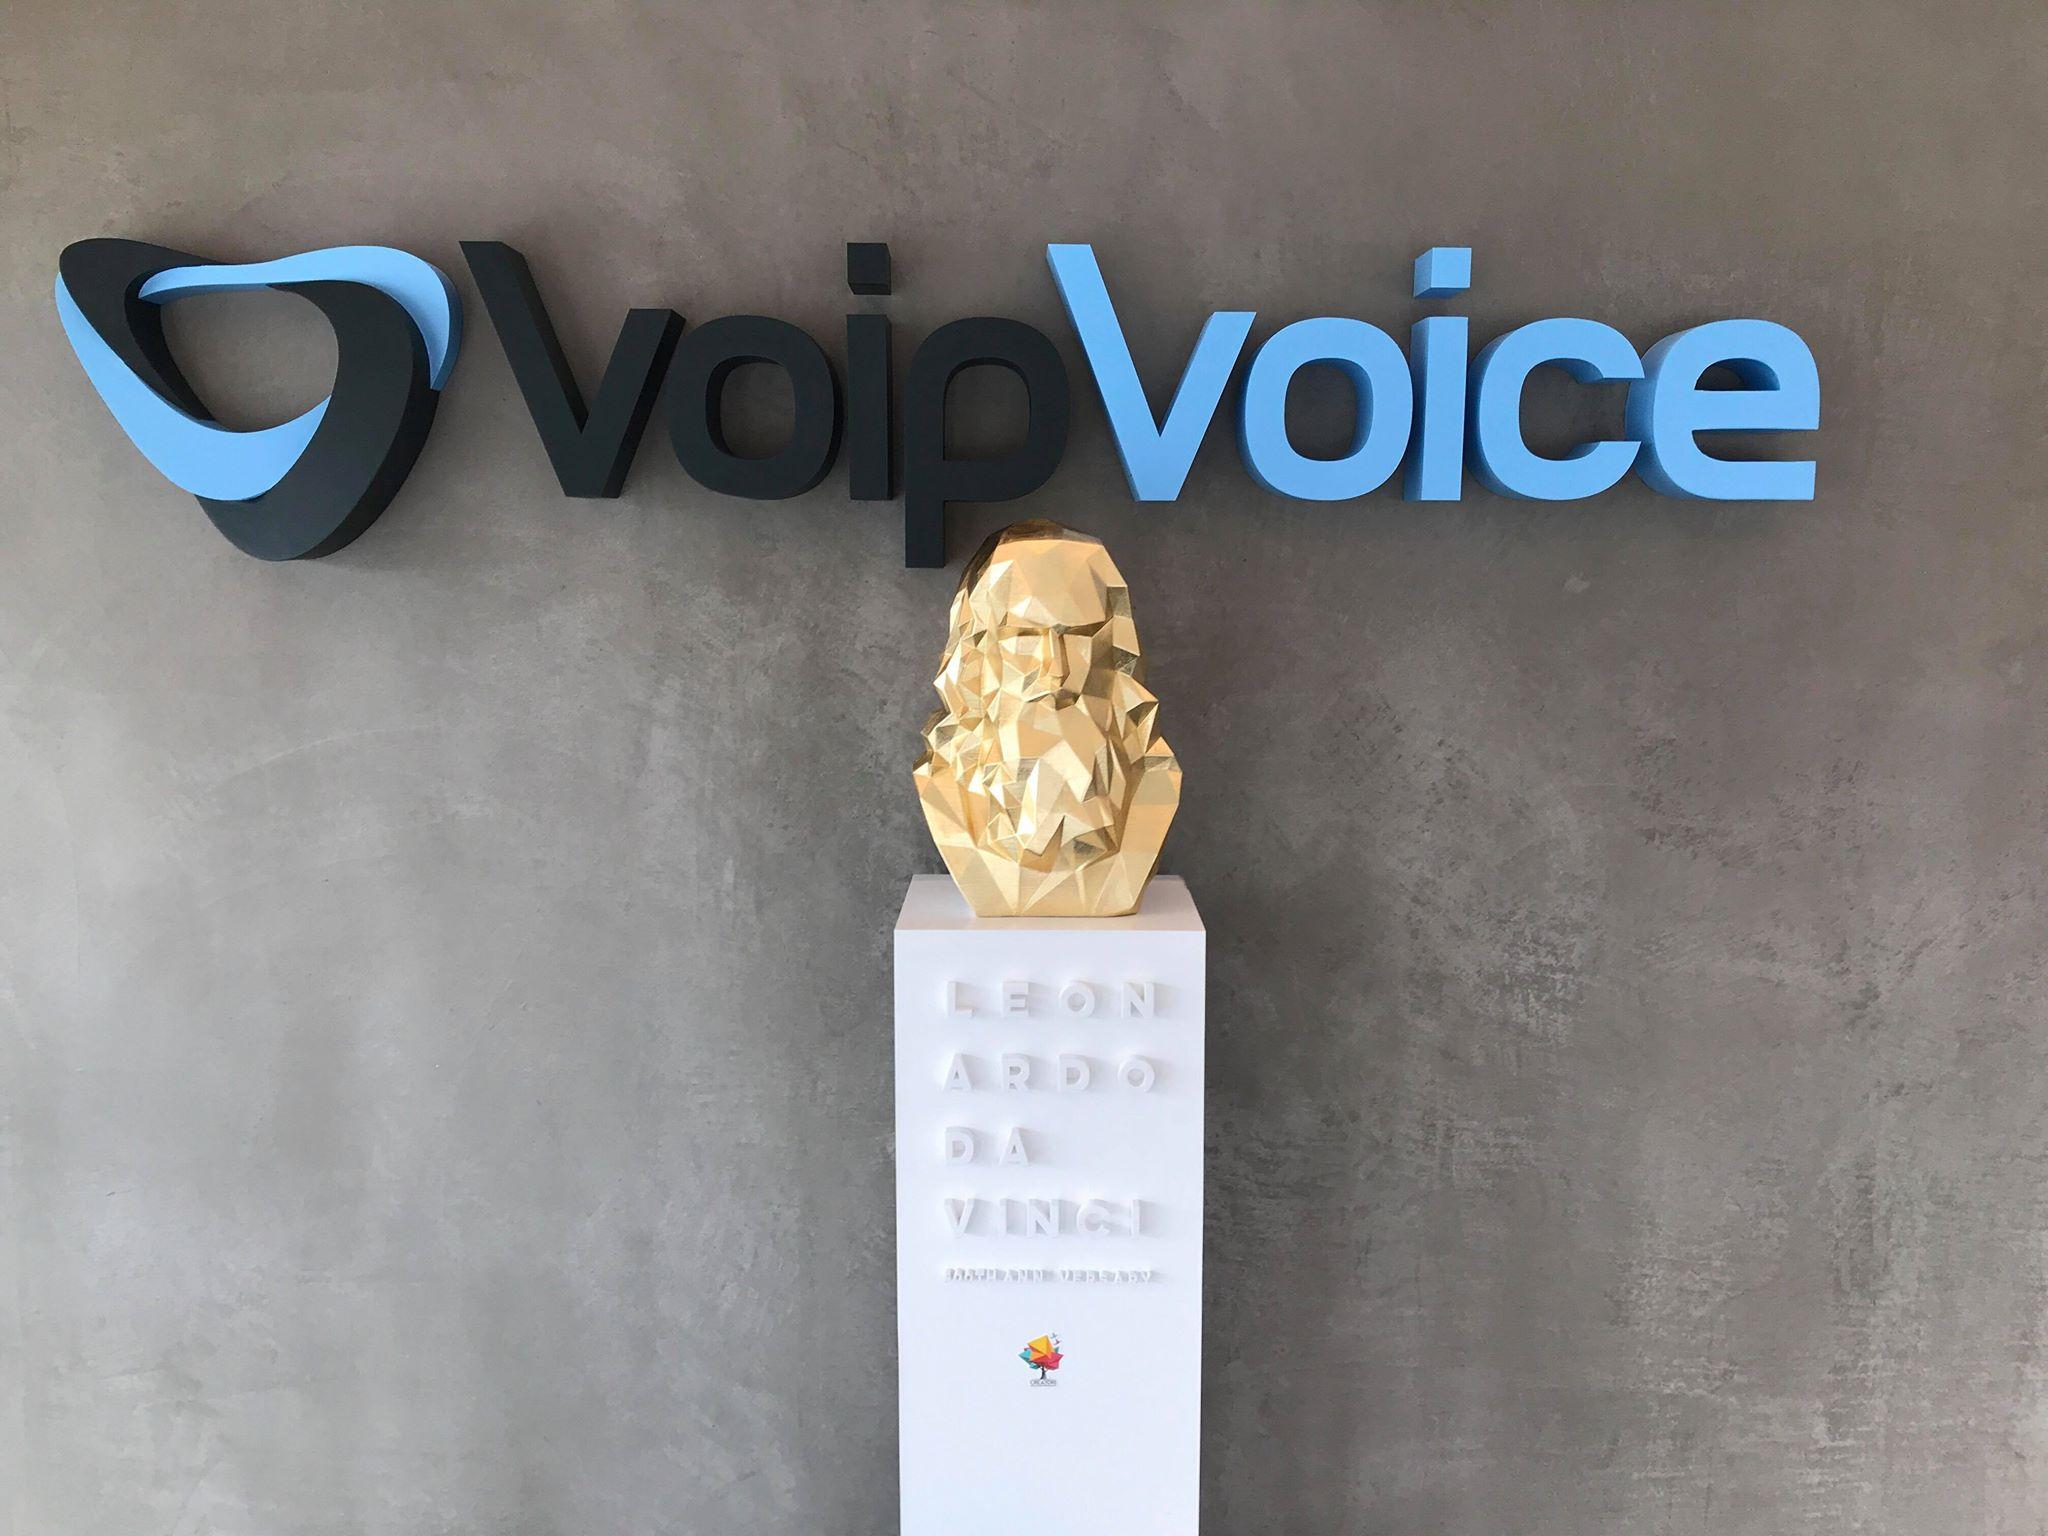 Inaugurata la Bottega Leonardo da Vinci in anteprima al Palavoip